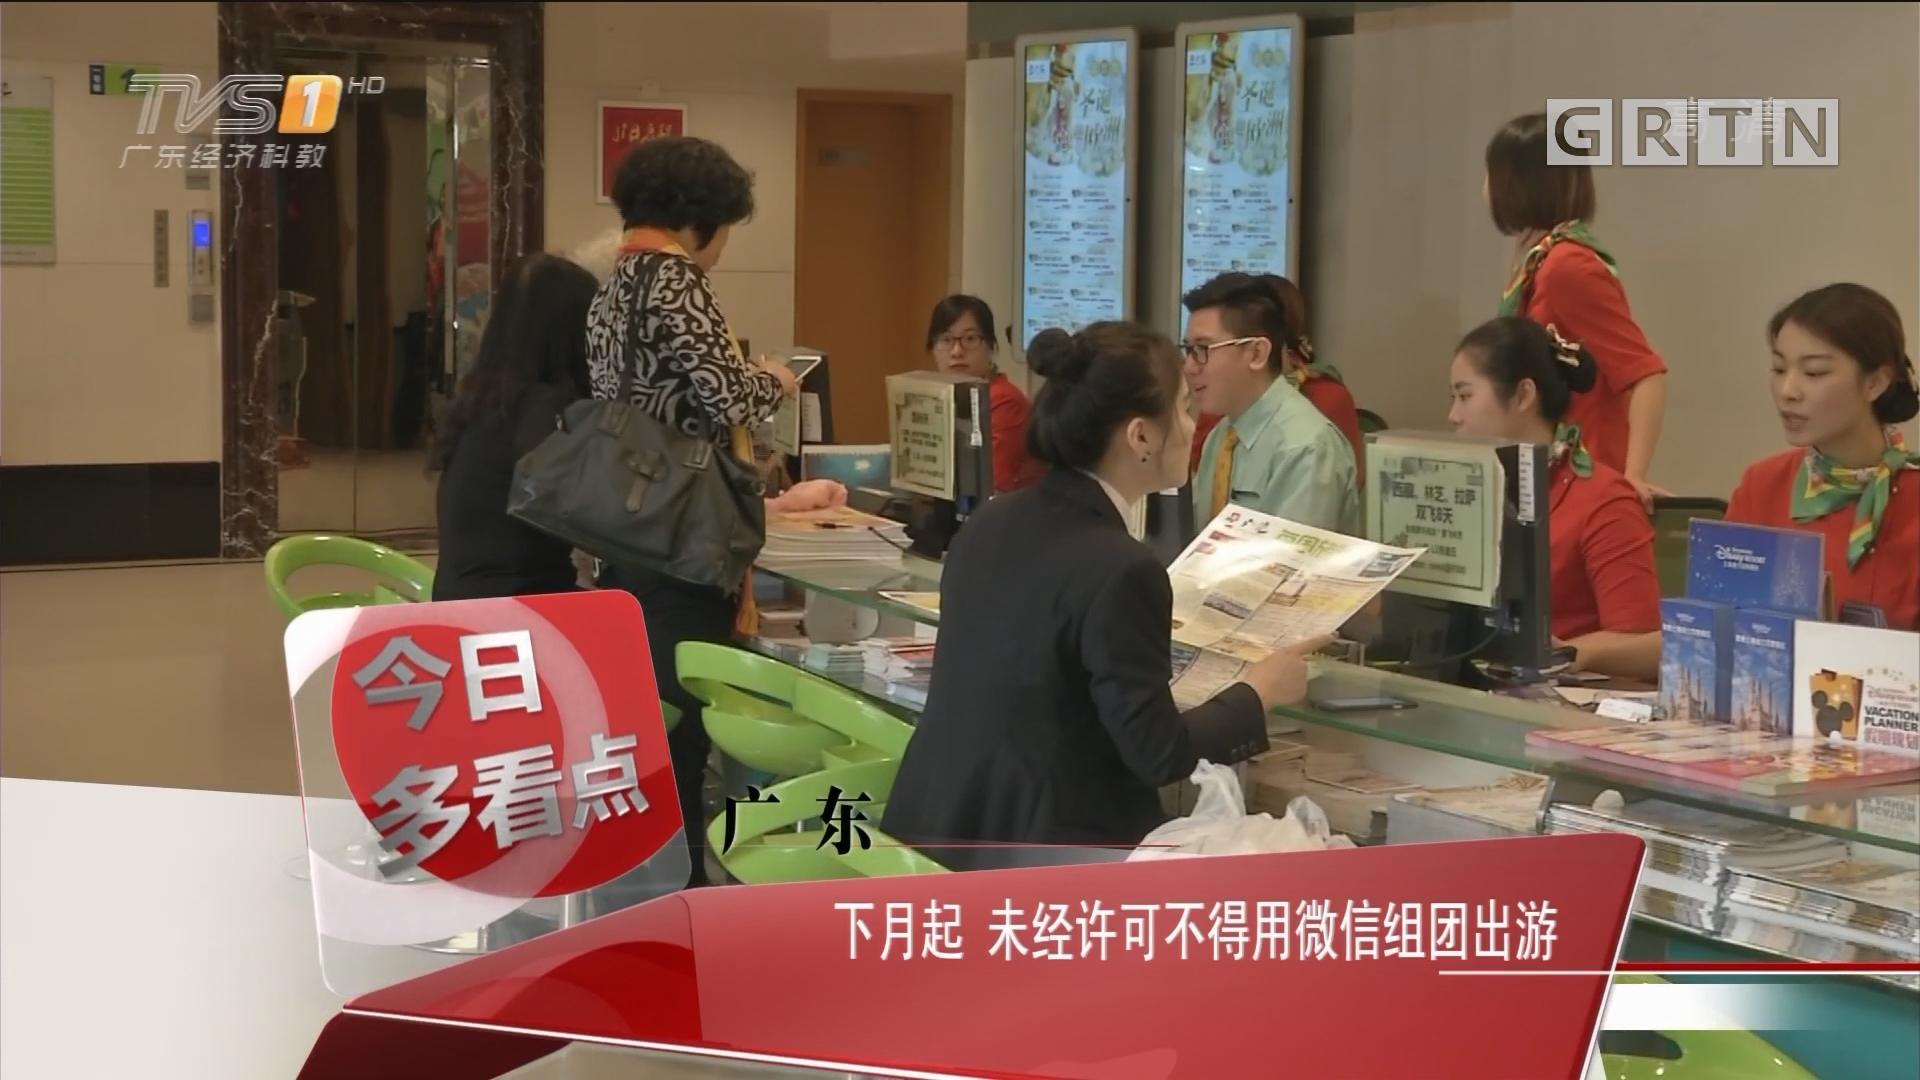 广东:下月起 未经许可不得用微信组团出游